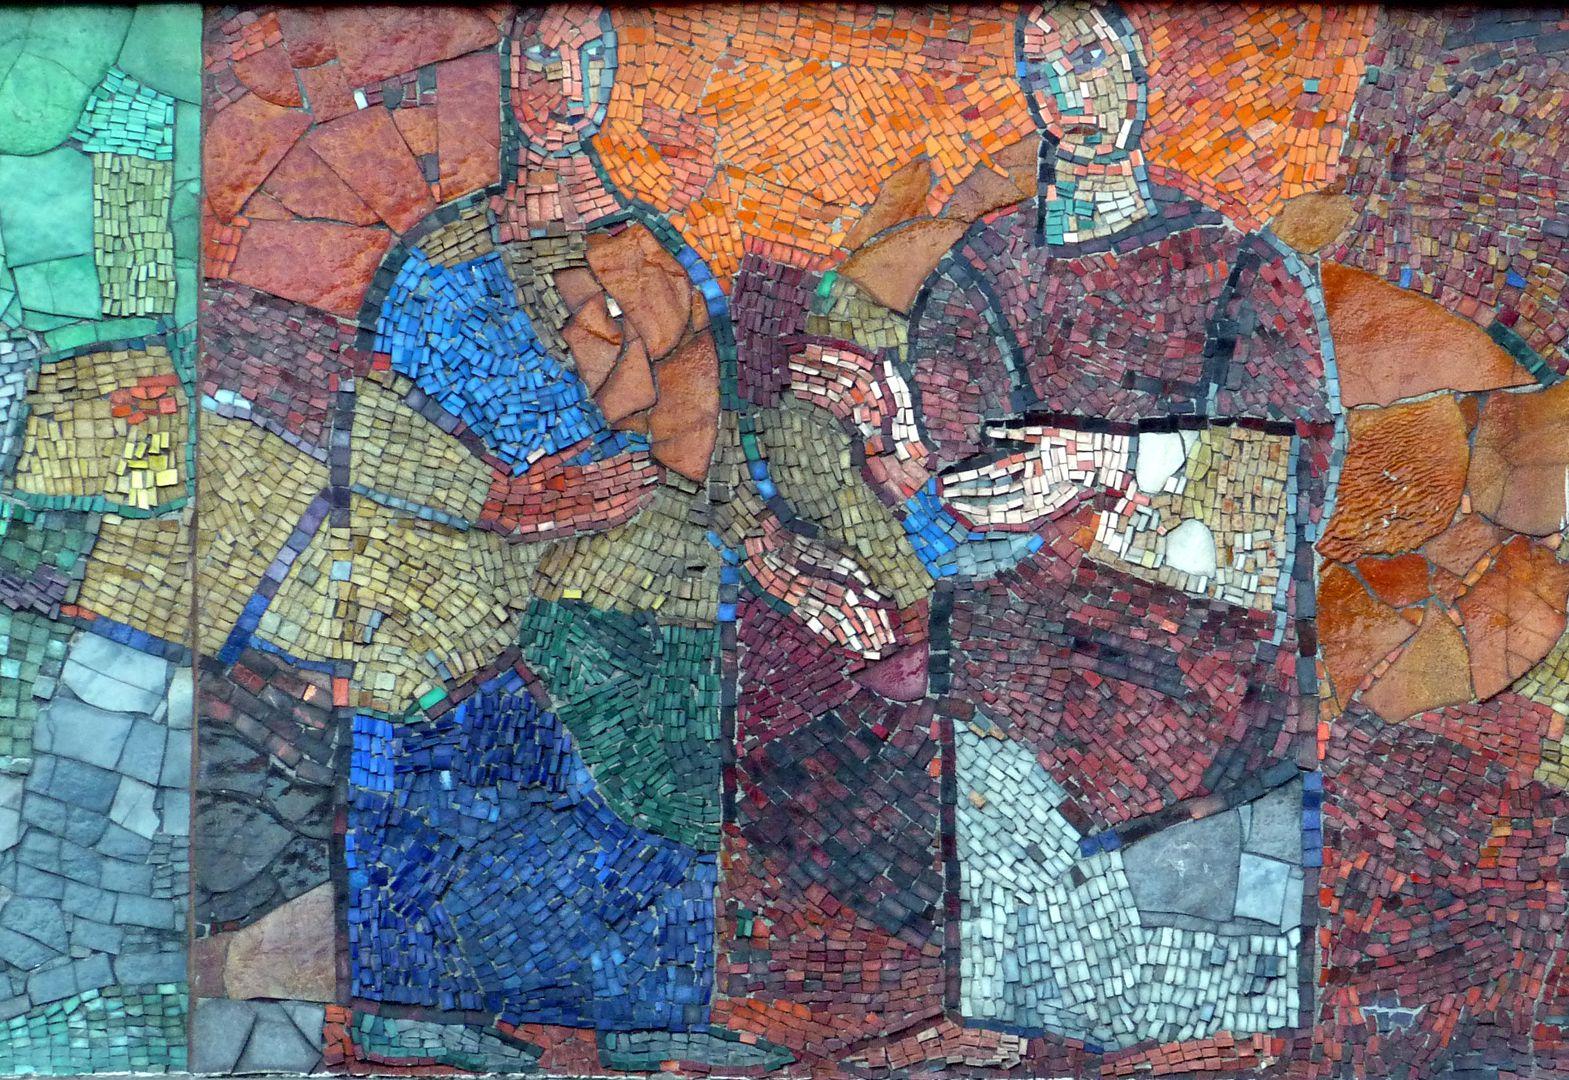 Mosaic on the Main Market (Hauptmarkt) in Nuremberg Talks